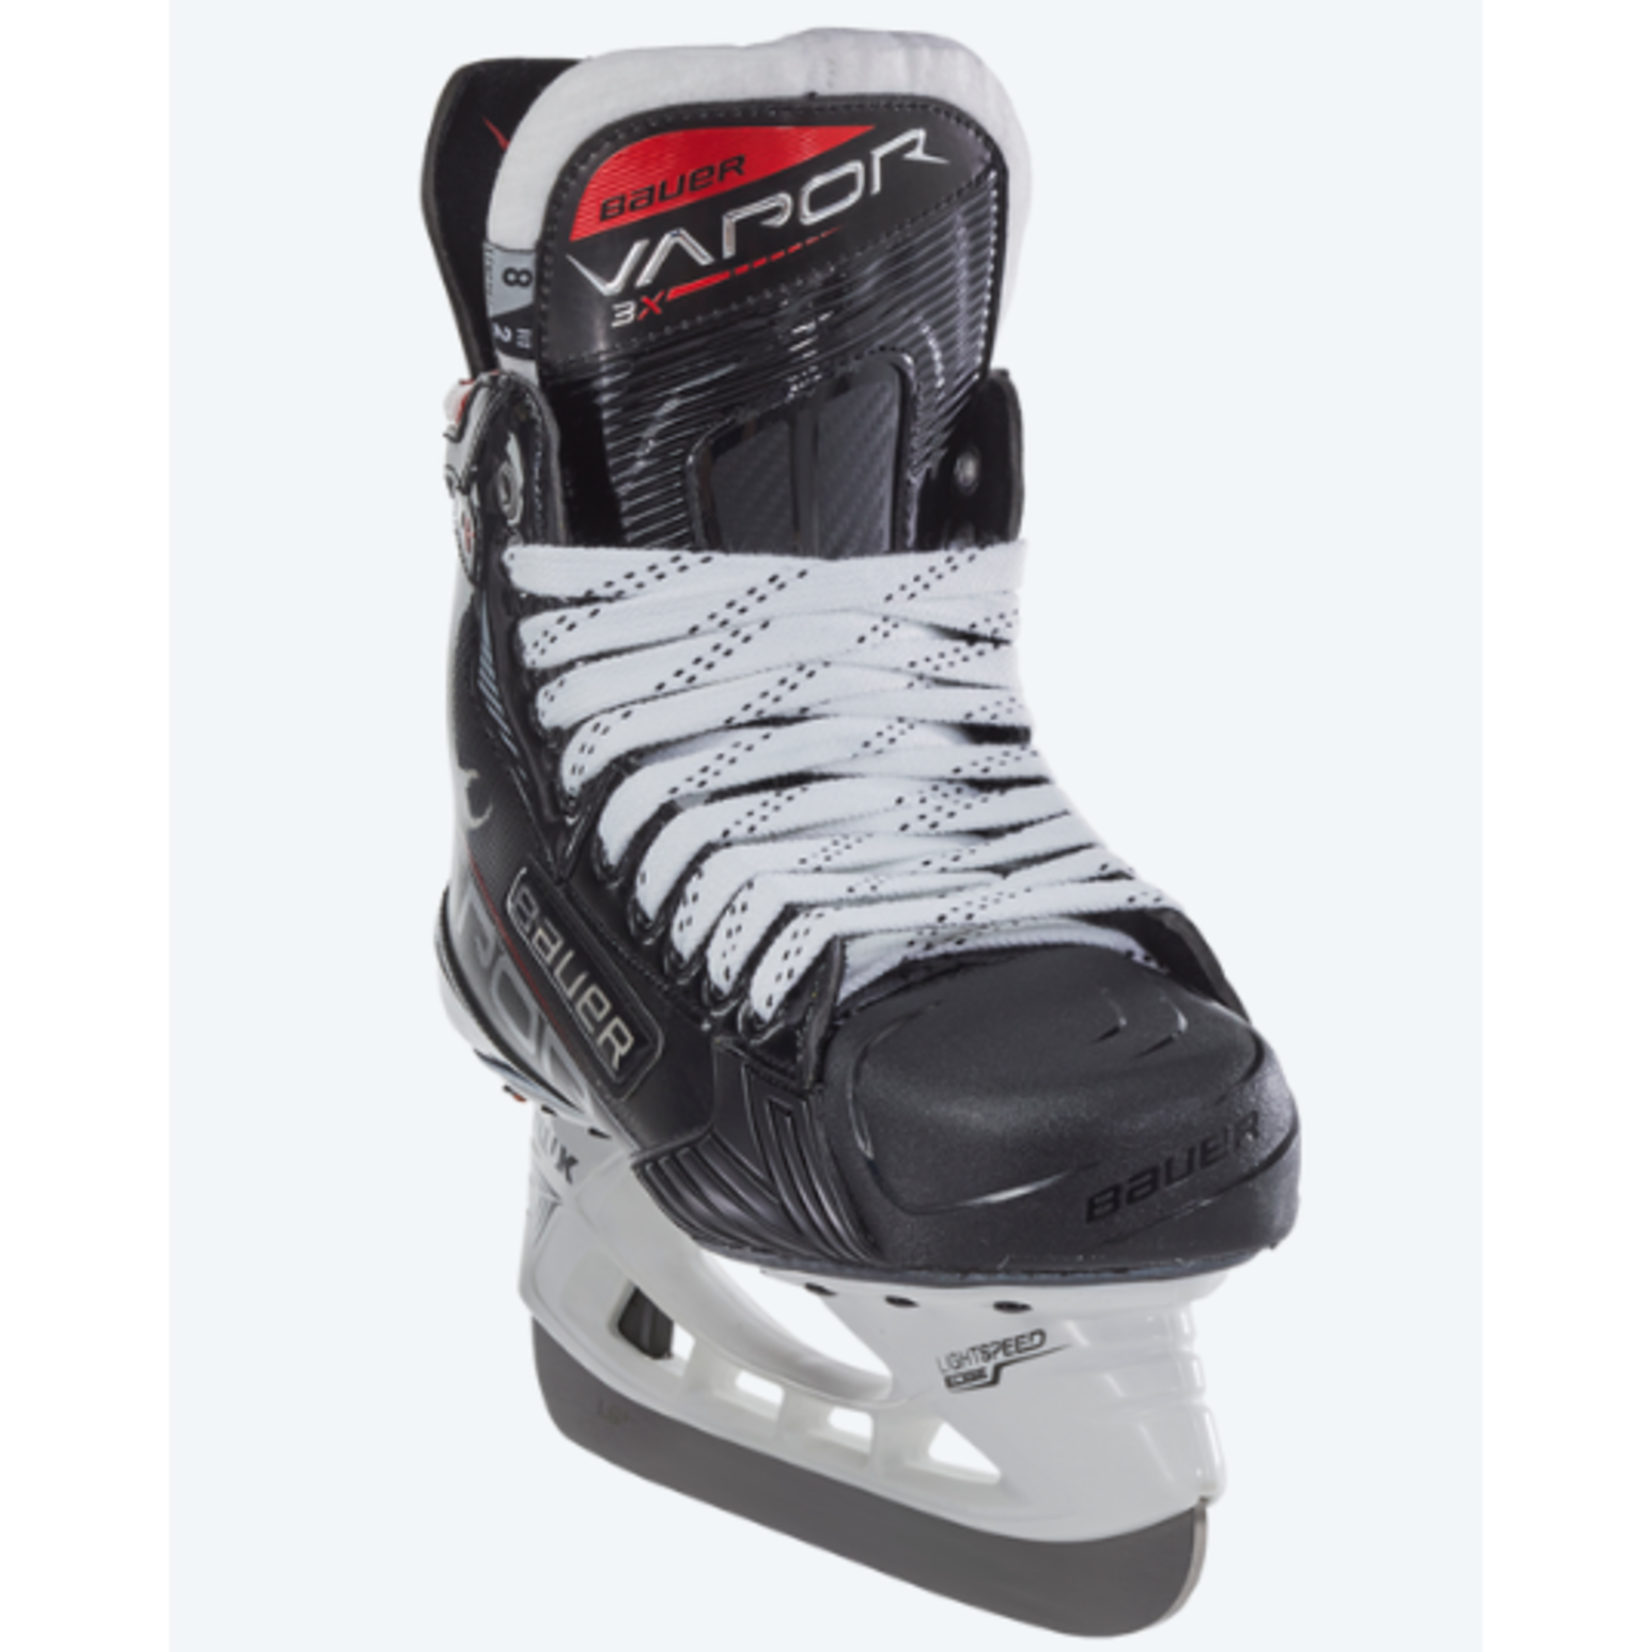 Bauer S21 BAUER Vapor 3X Skates IN